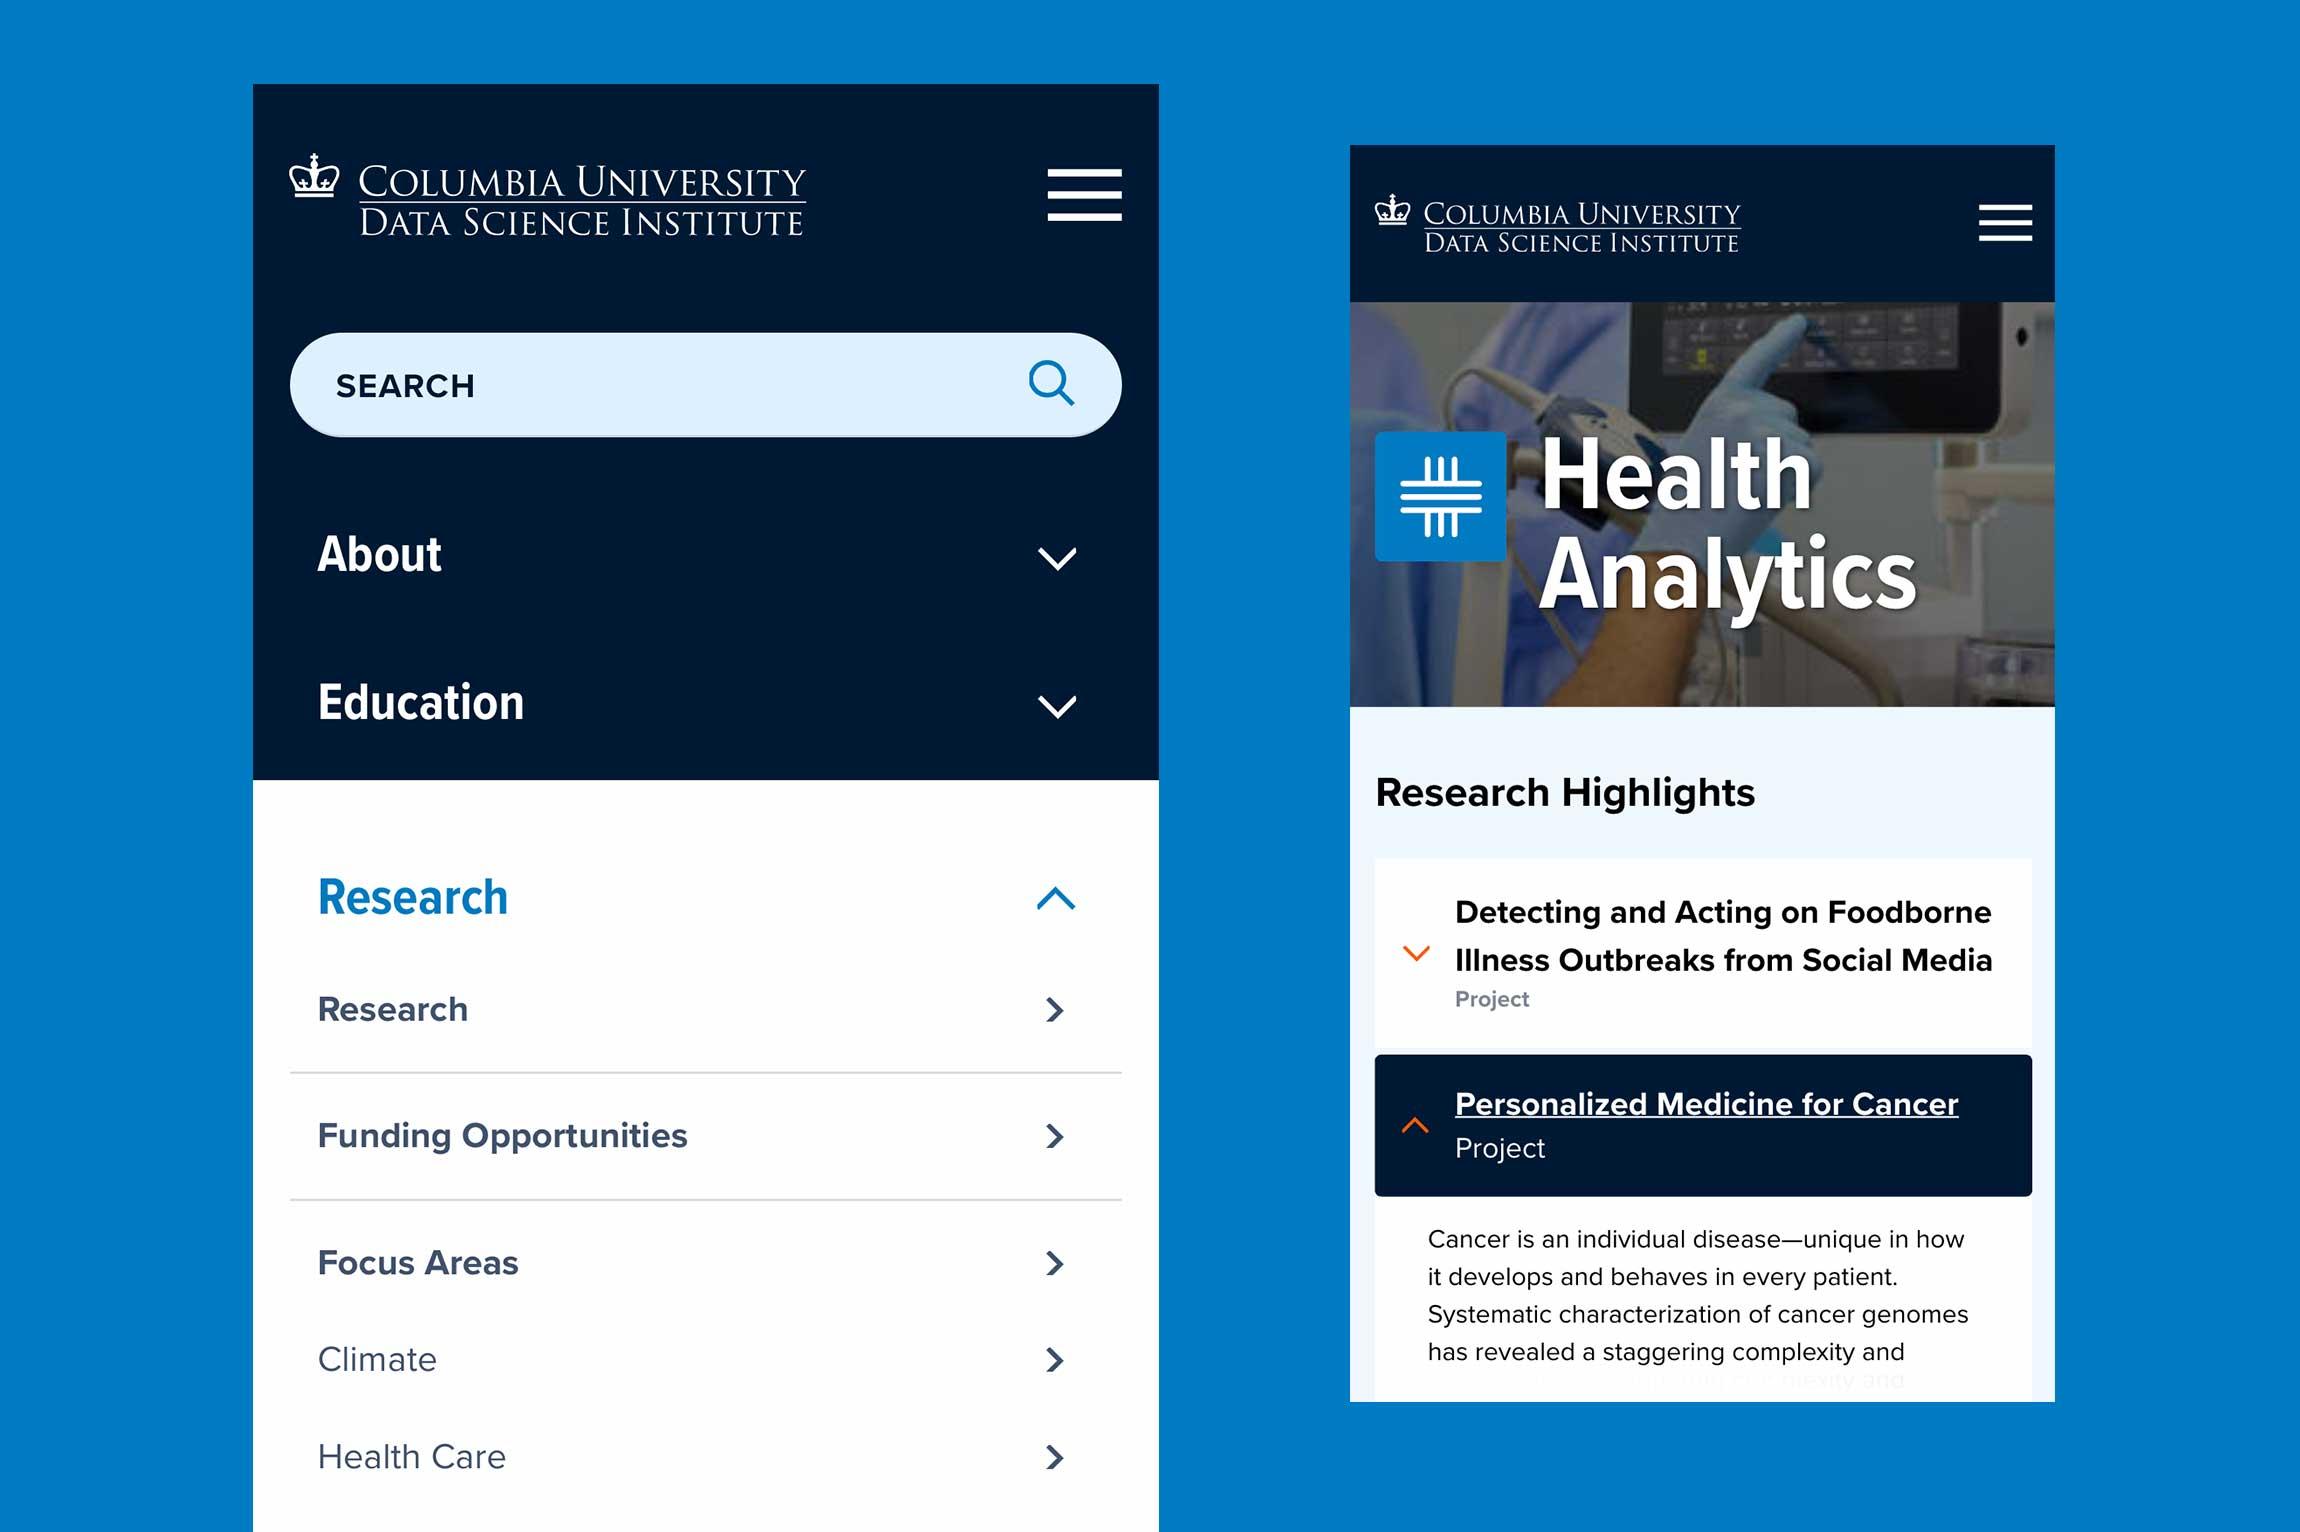 Columbia-Data-Science-Institute-website-design-2